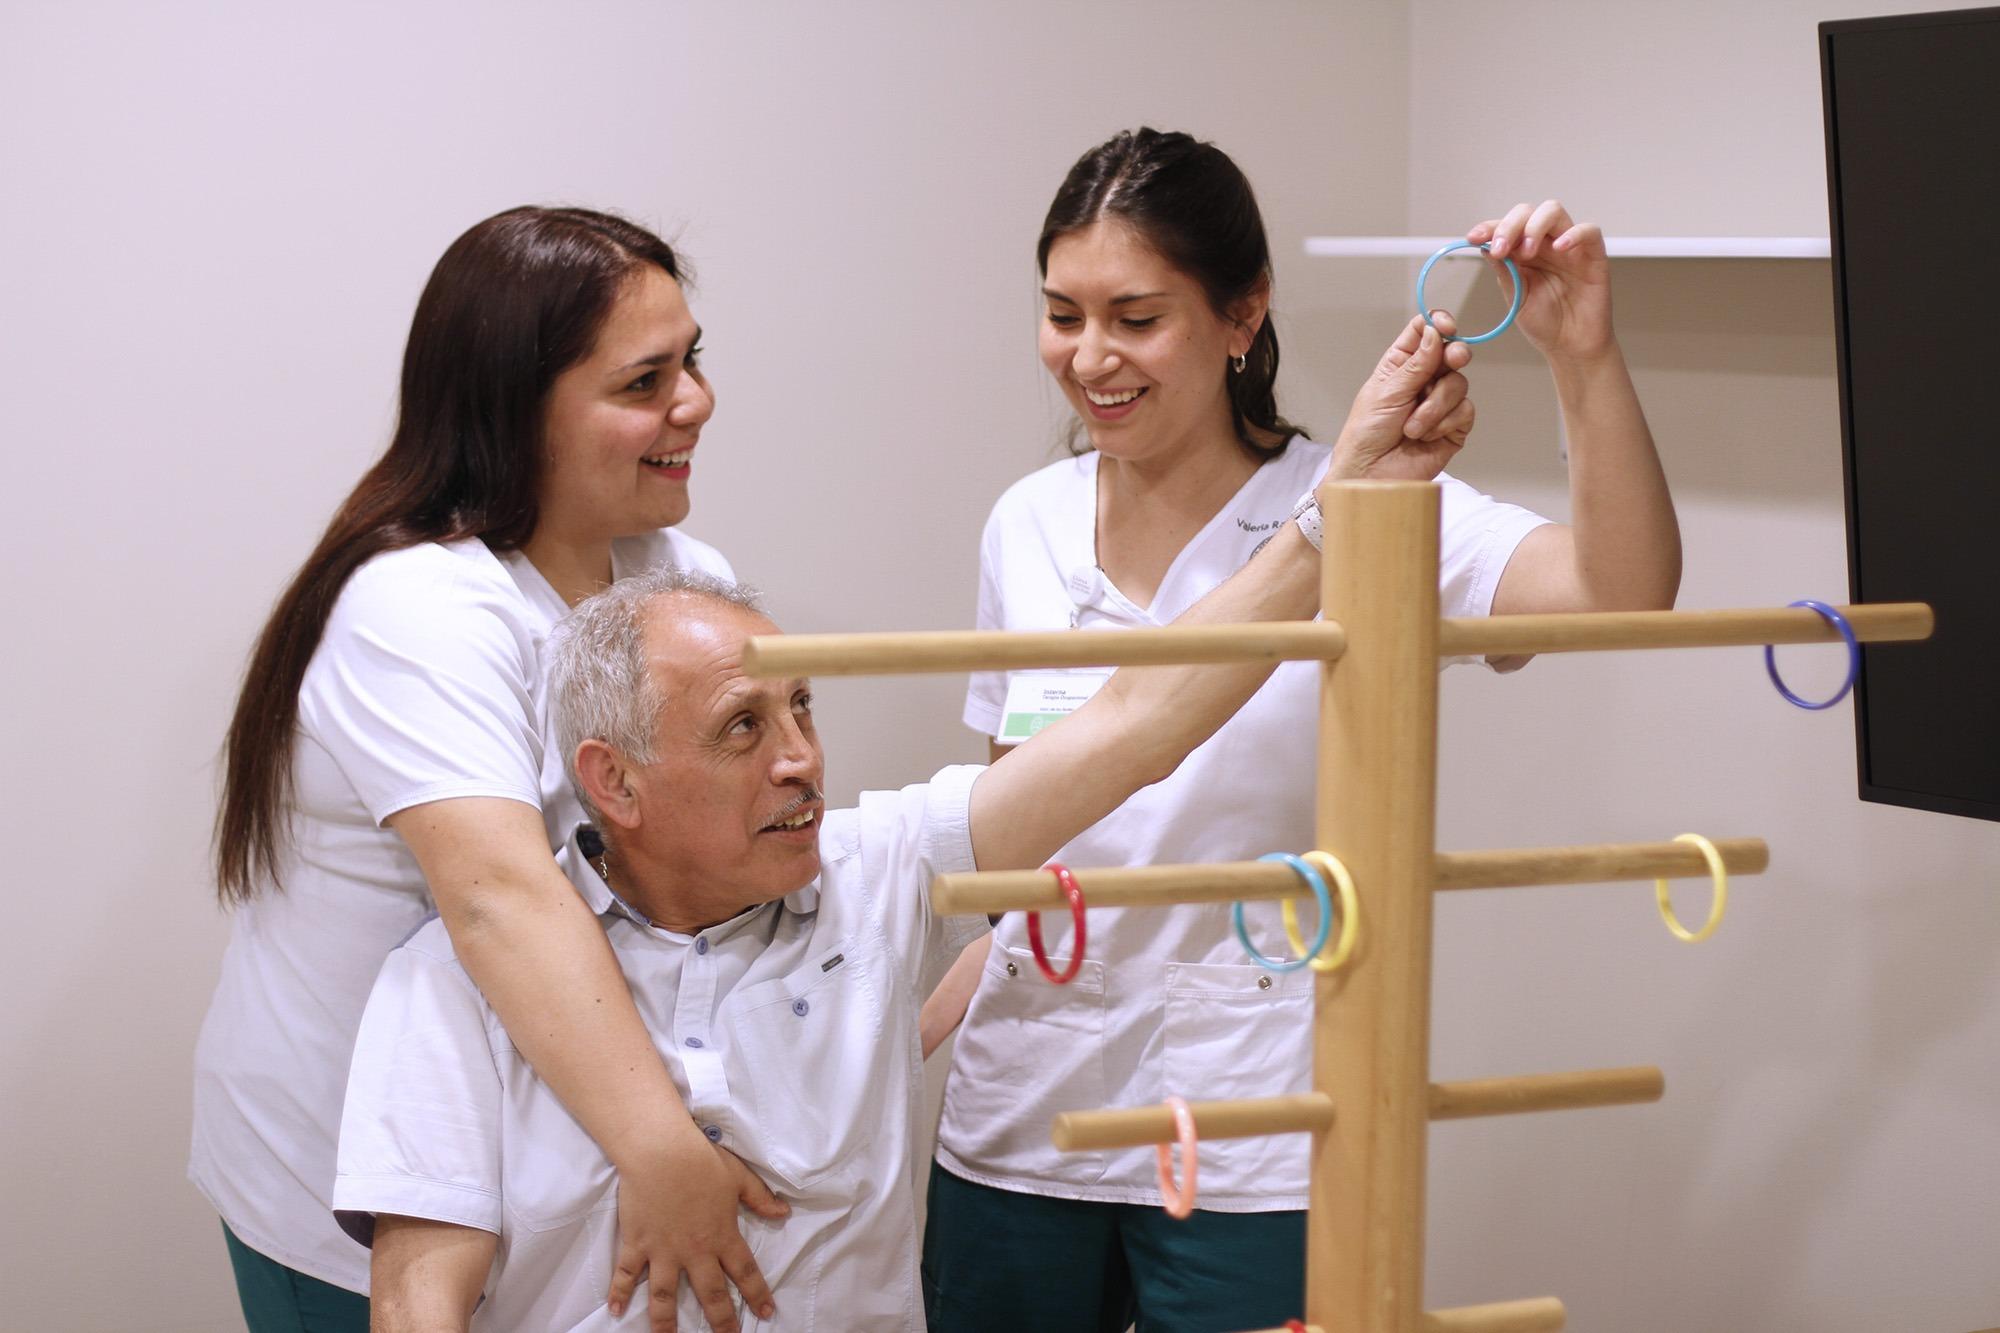 Terapia Ocupacional - Universidad de los Andes